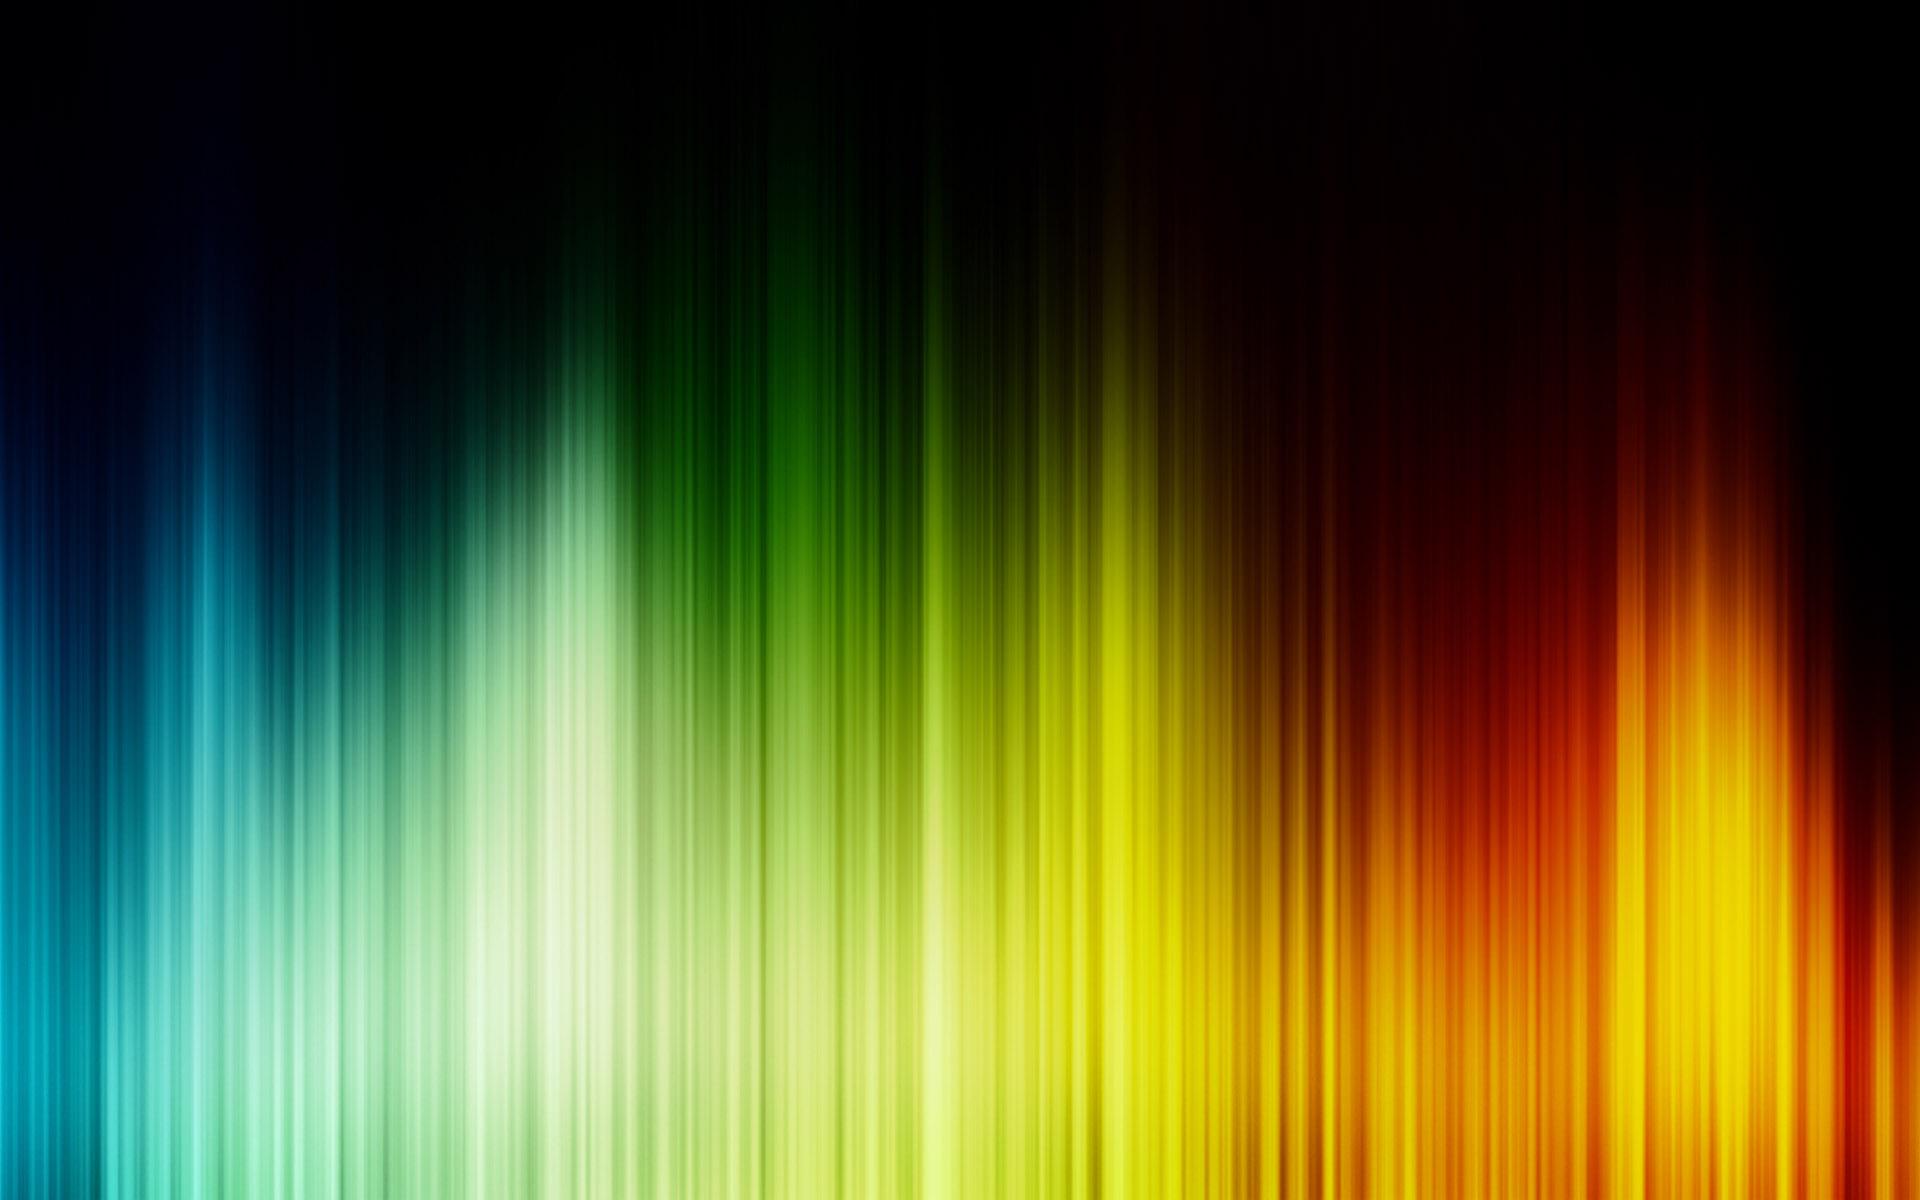 aurora wallpaper colors